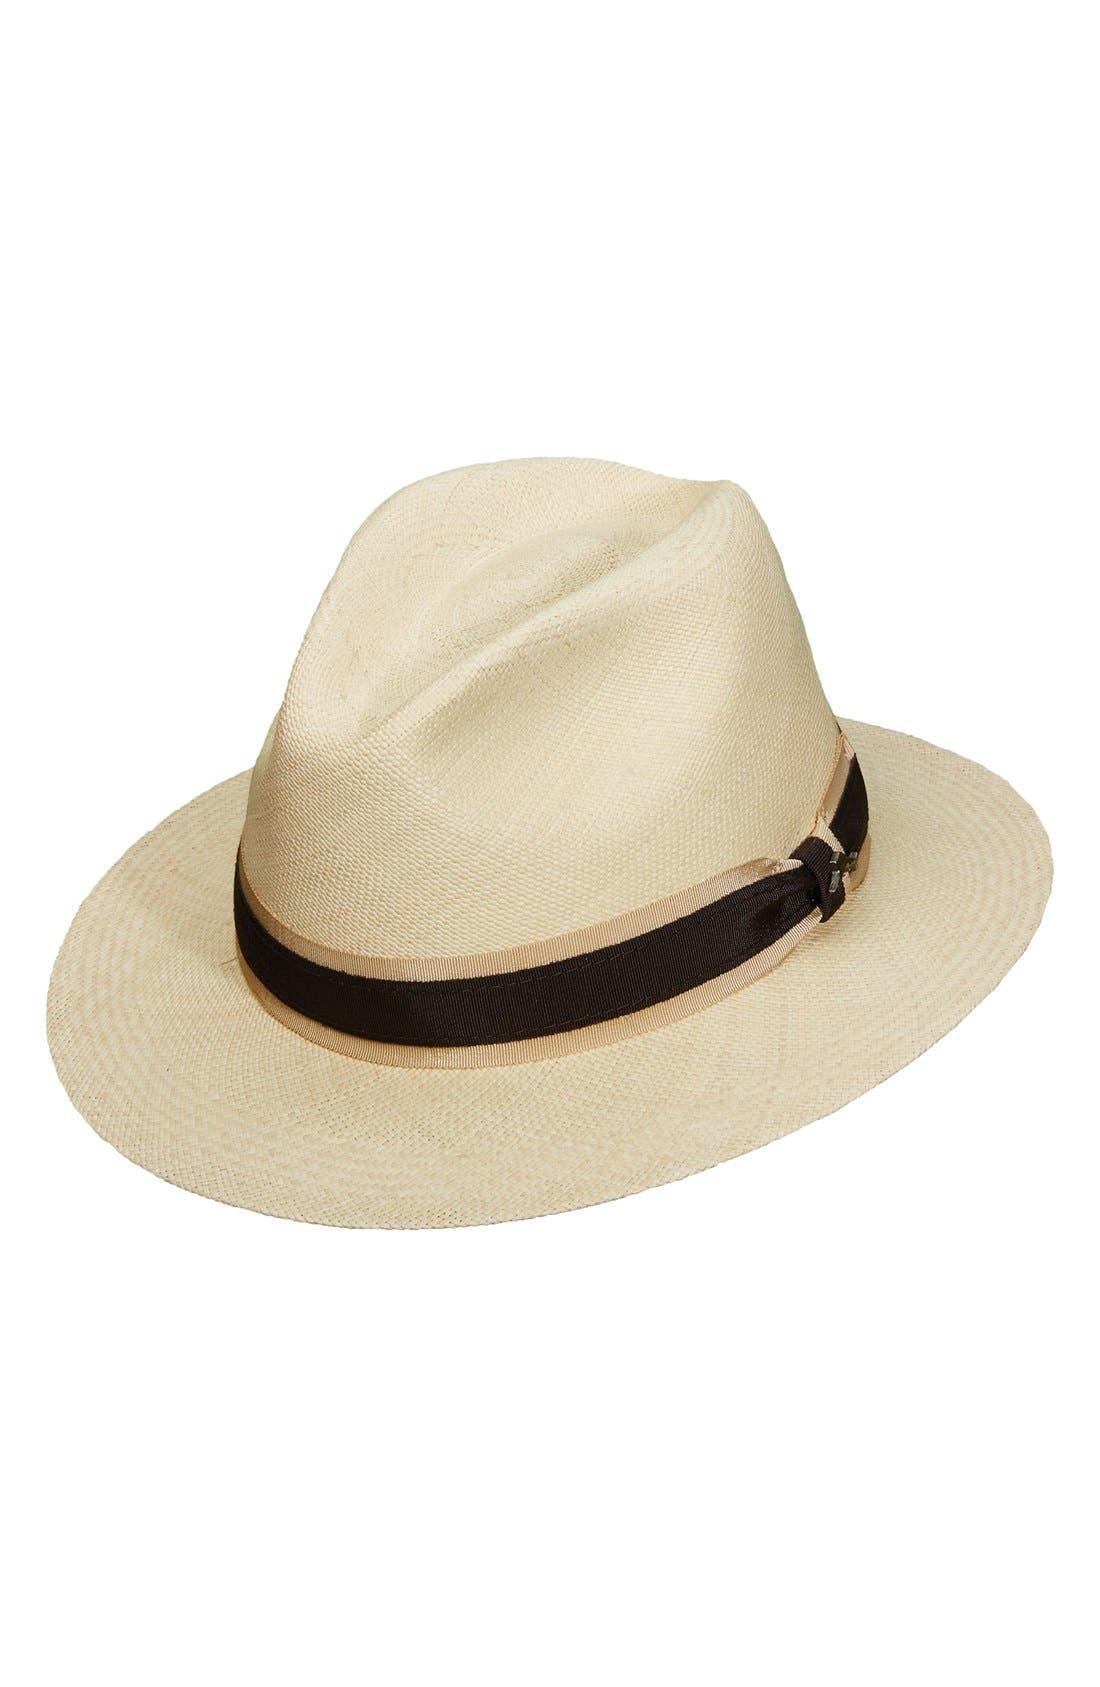 Main Image - Tommy Bahama Panama Straw Safari Hat